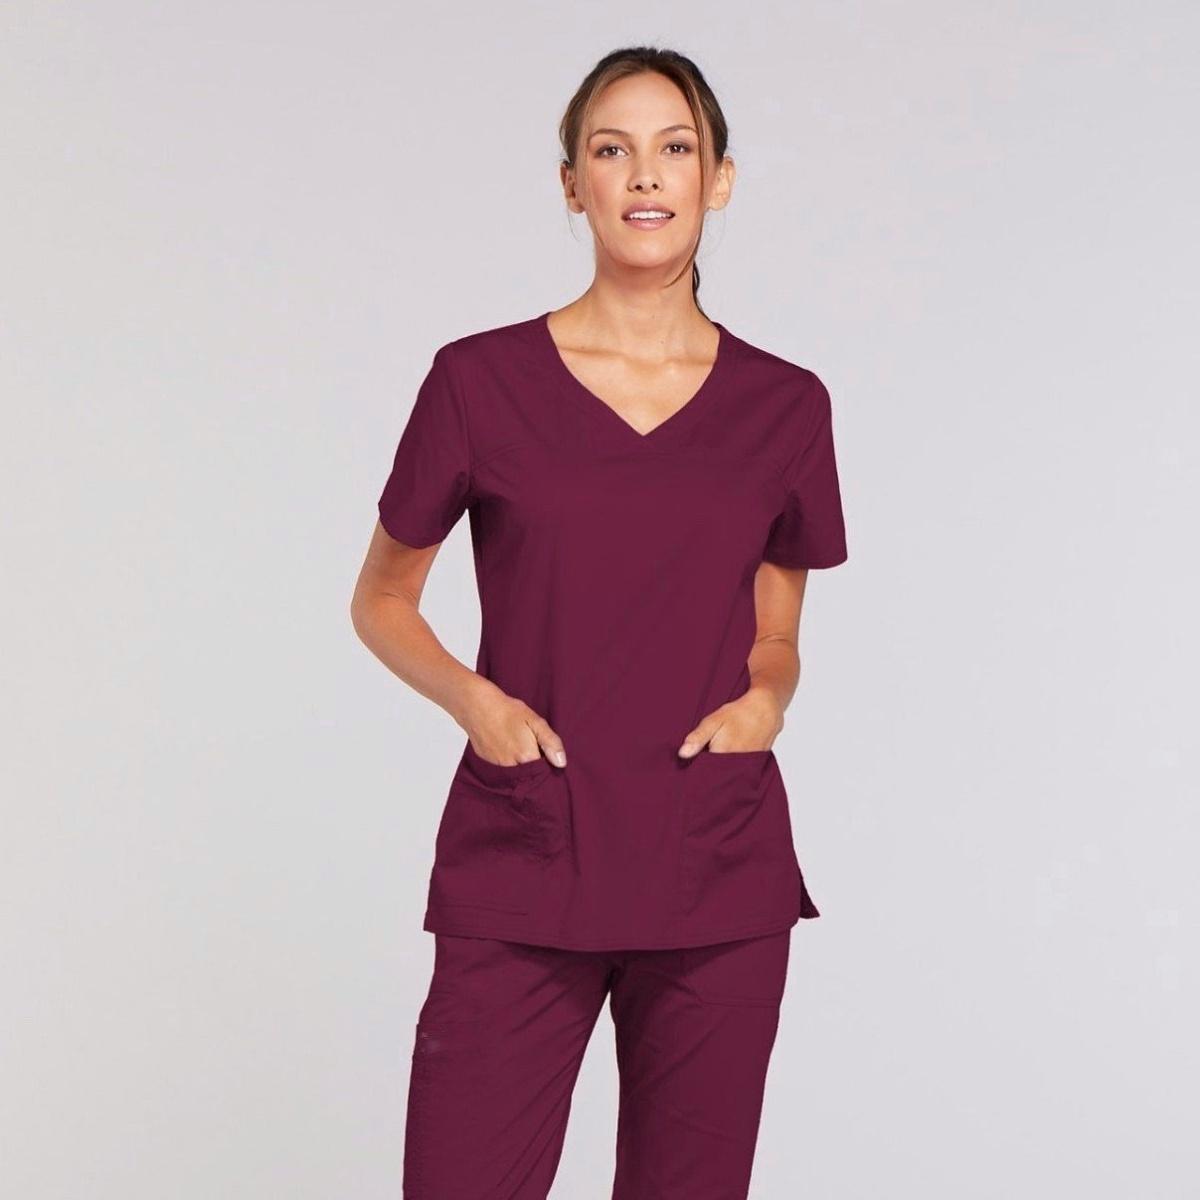 Приталенный женский медицинский костюм Core Stretch из твила цвет - бардо